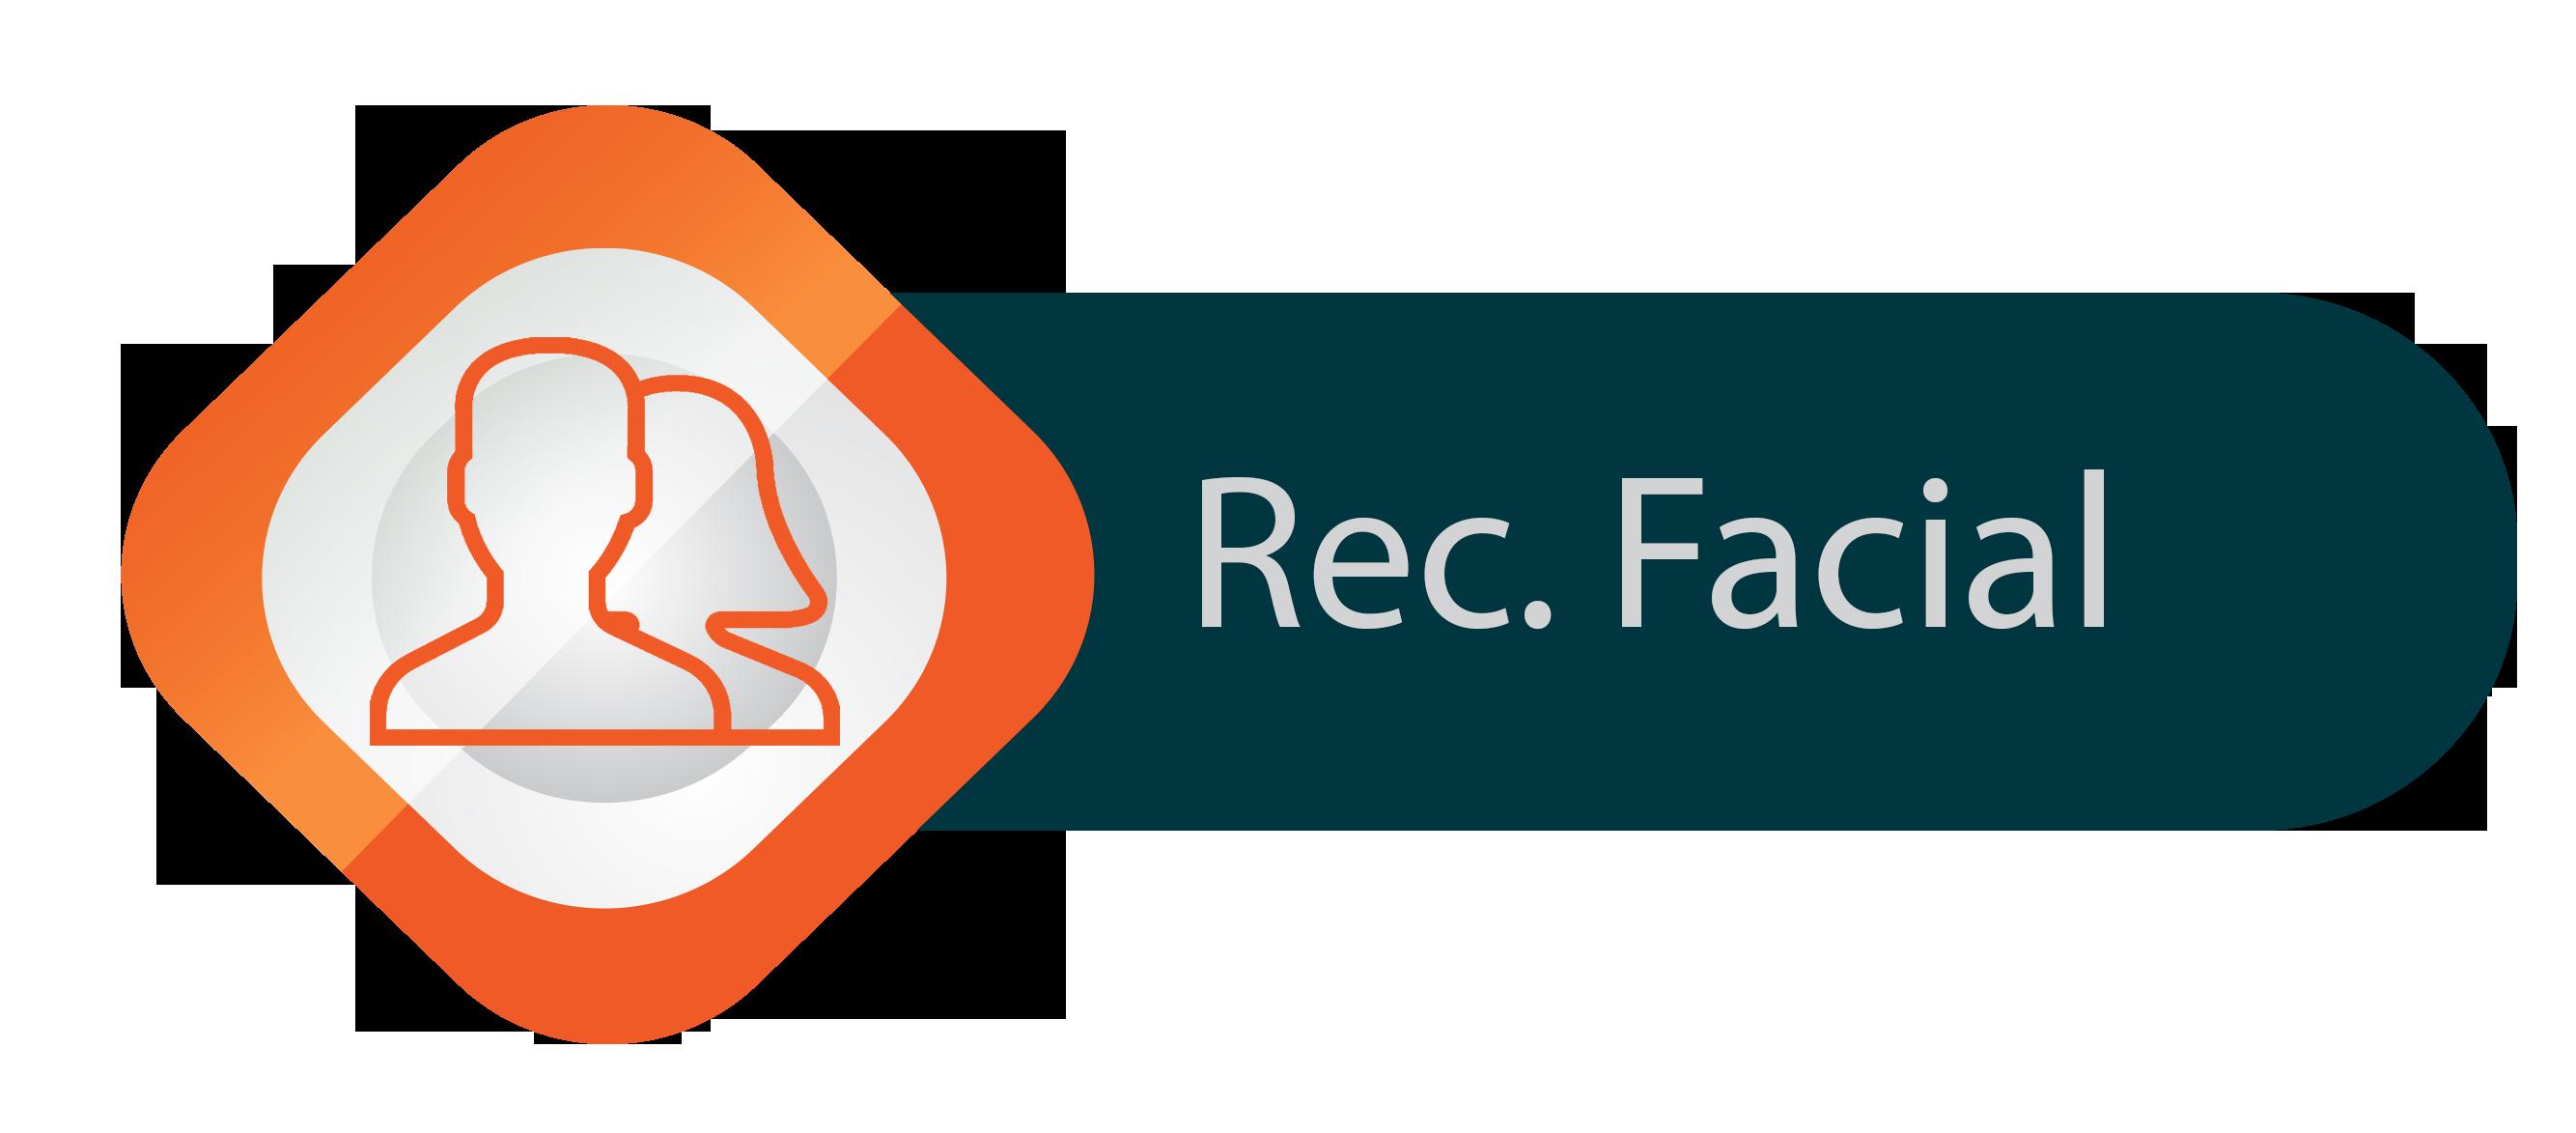 Reconhecimento_Facial_Terminal_Controlo_Presenças_Acessos_por_reconhecimento_Facial_Impressão_digital